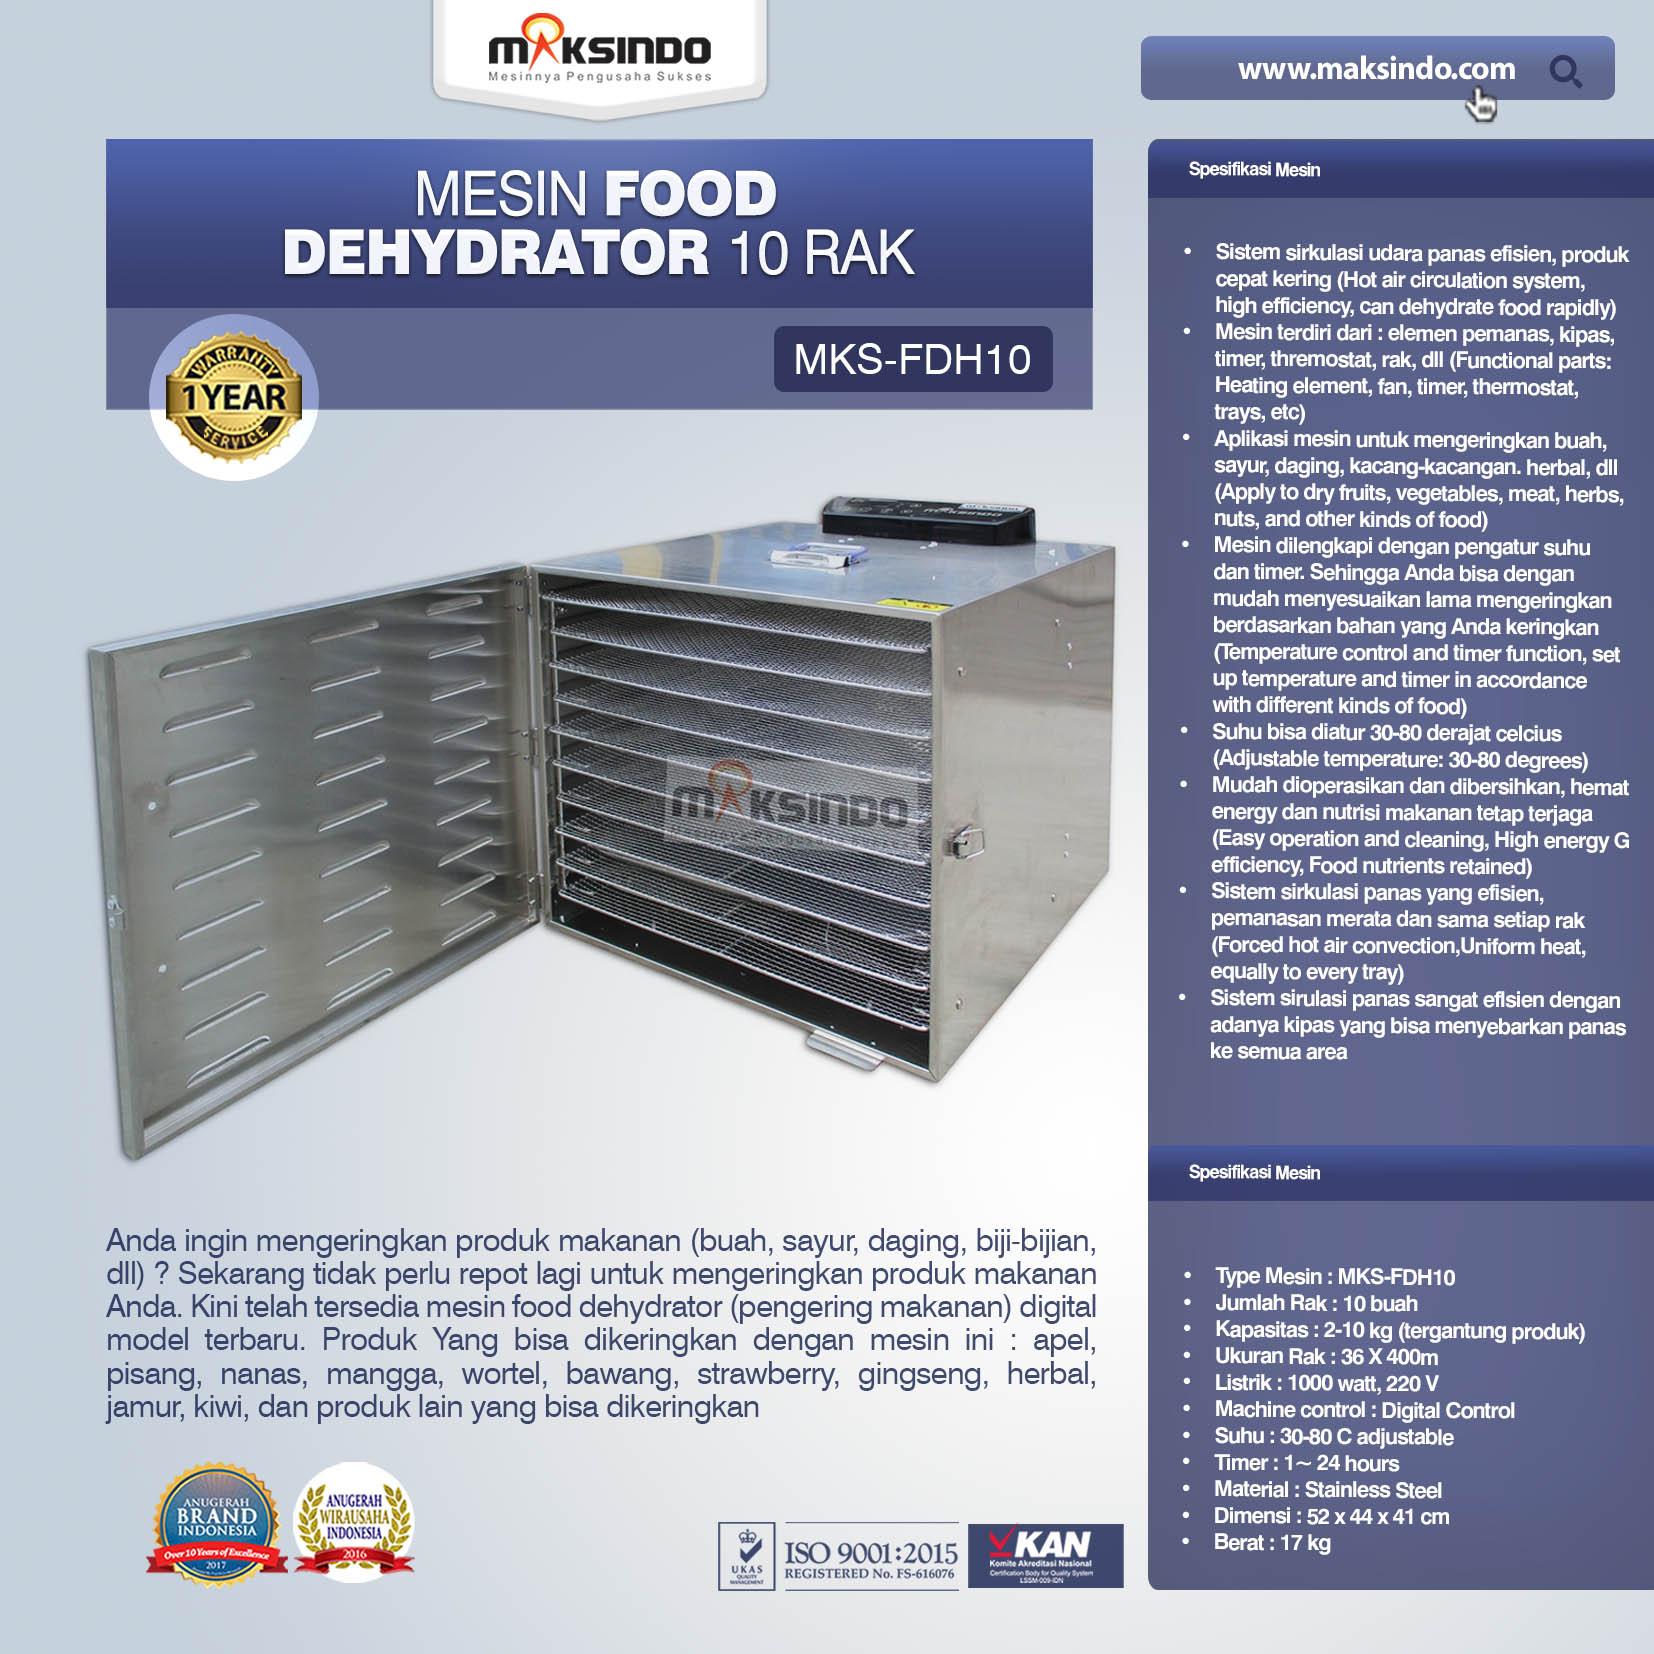 Jual Mesin Food Dehydrator 10 Rak (FDH10) di Malang